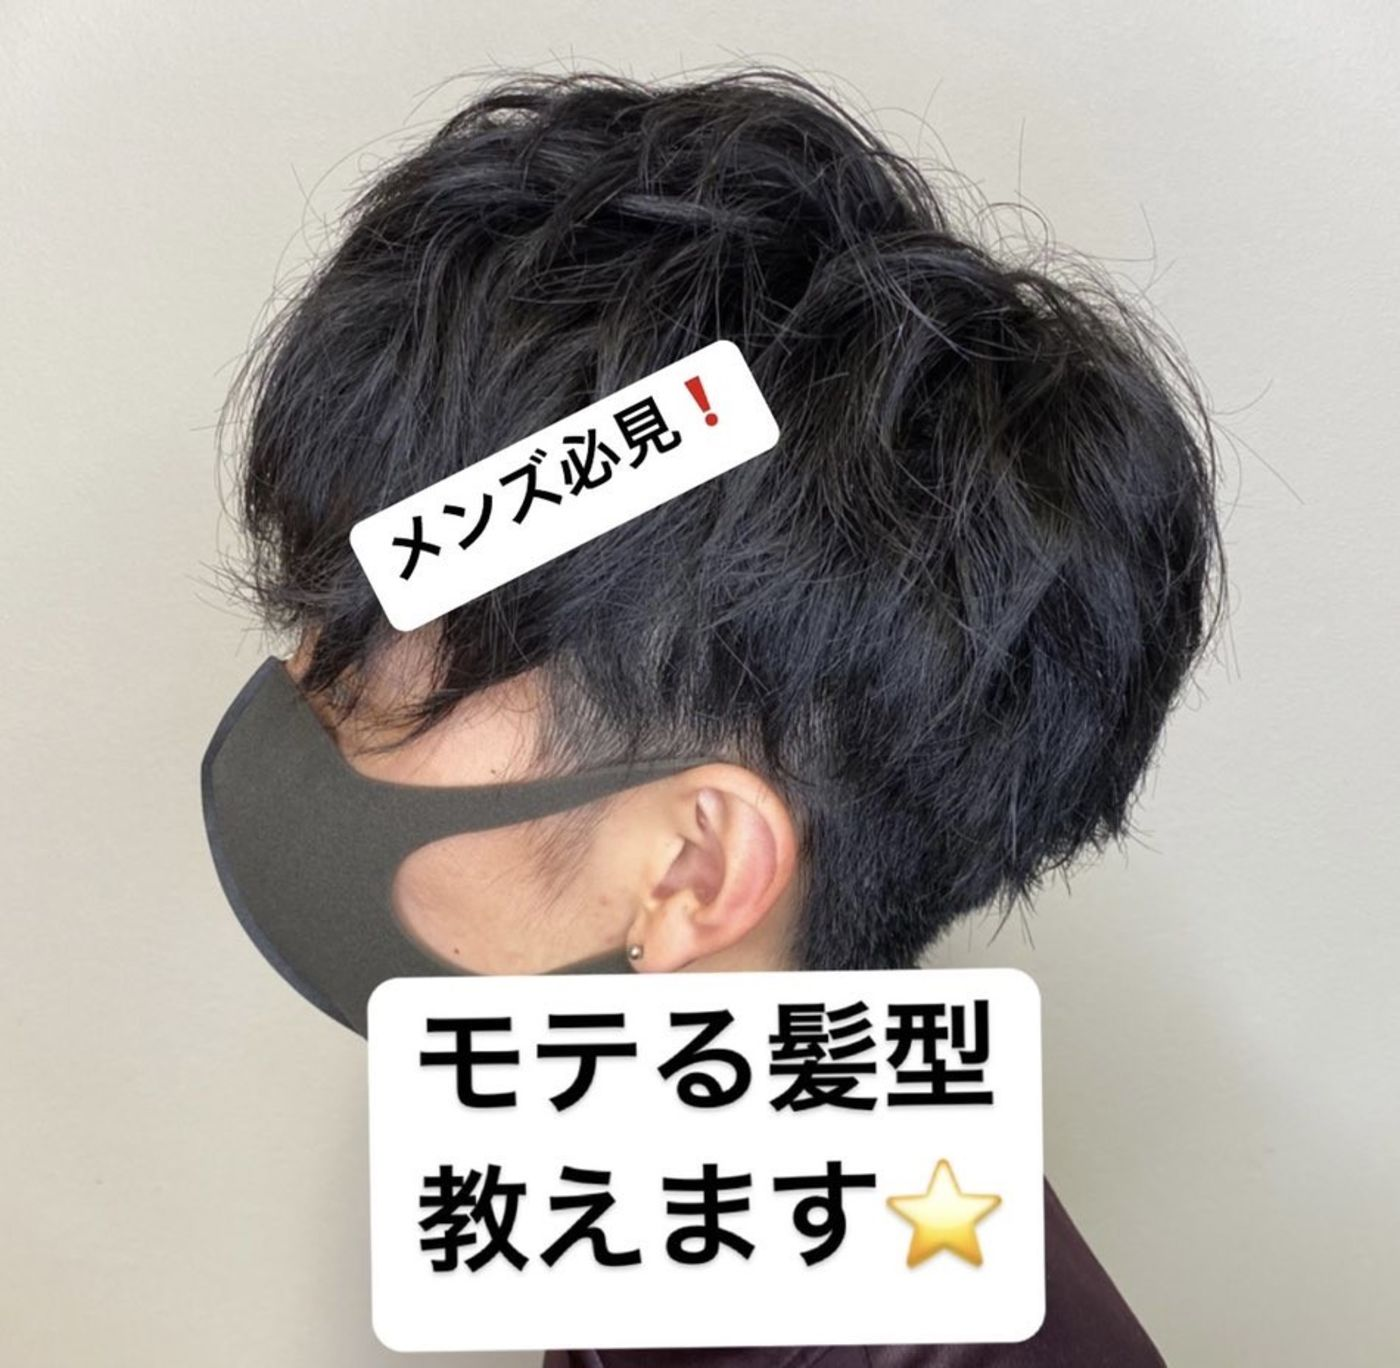 挑戦しやすい髪型は??